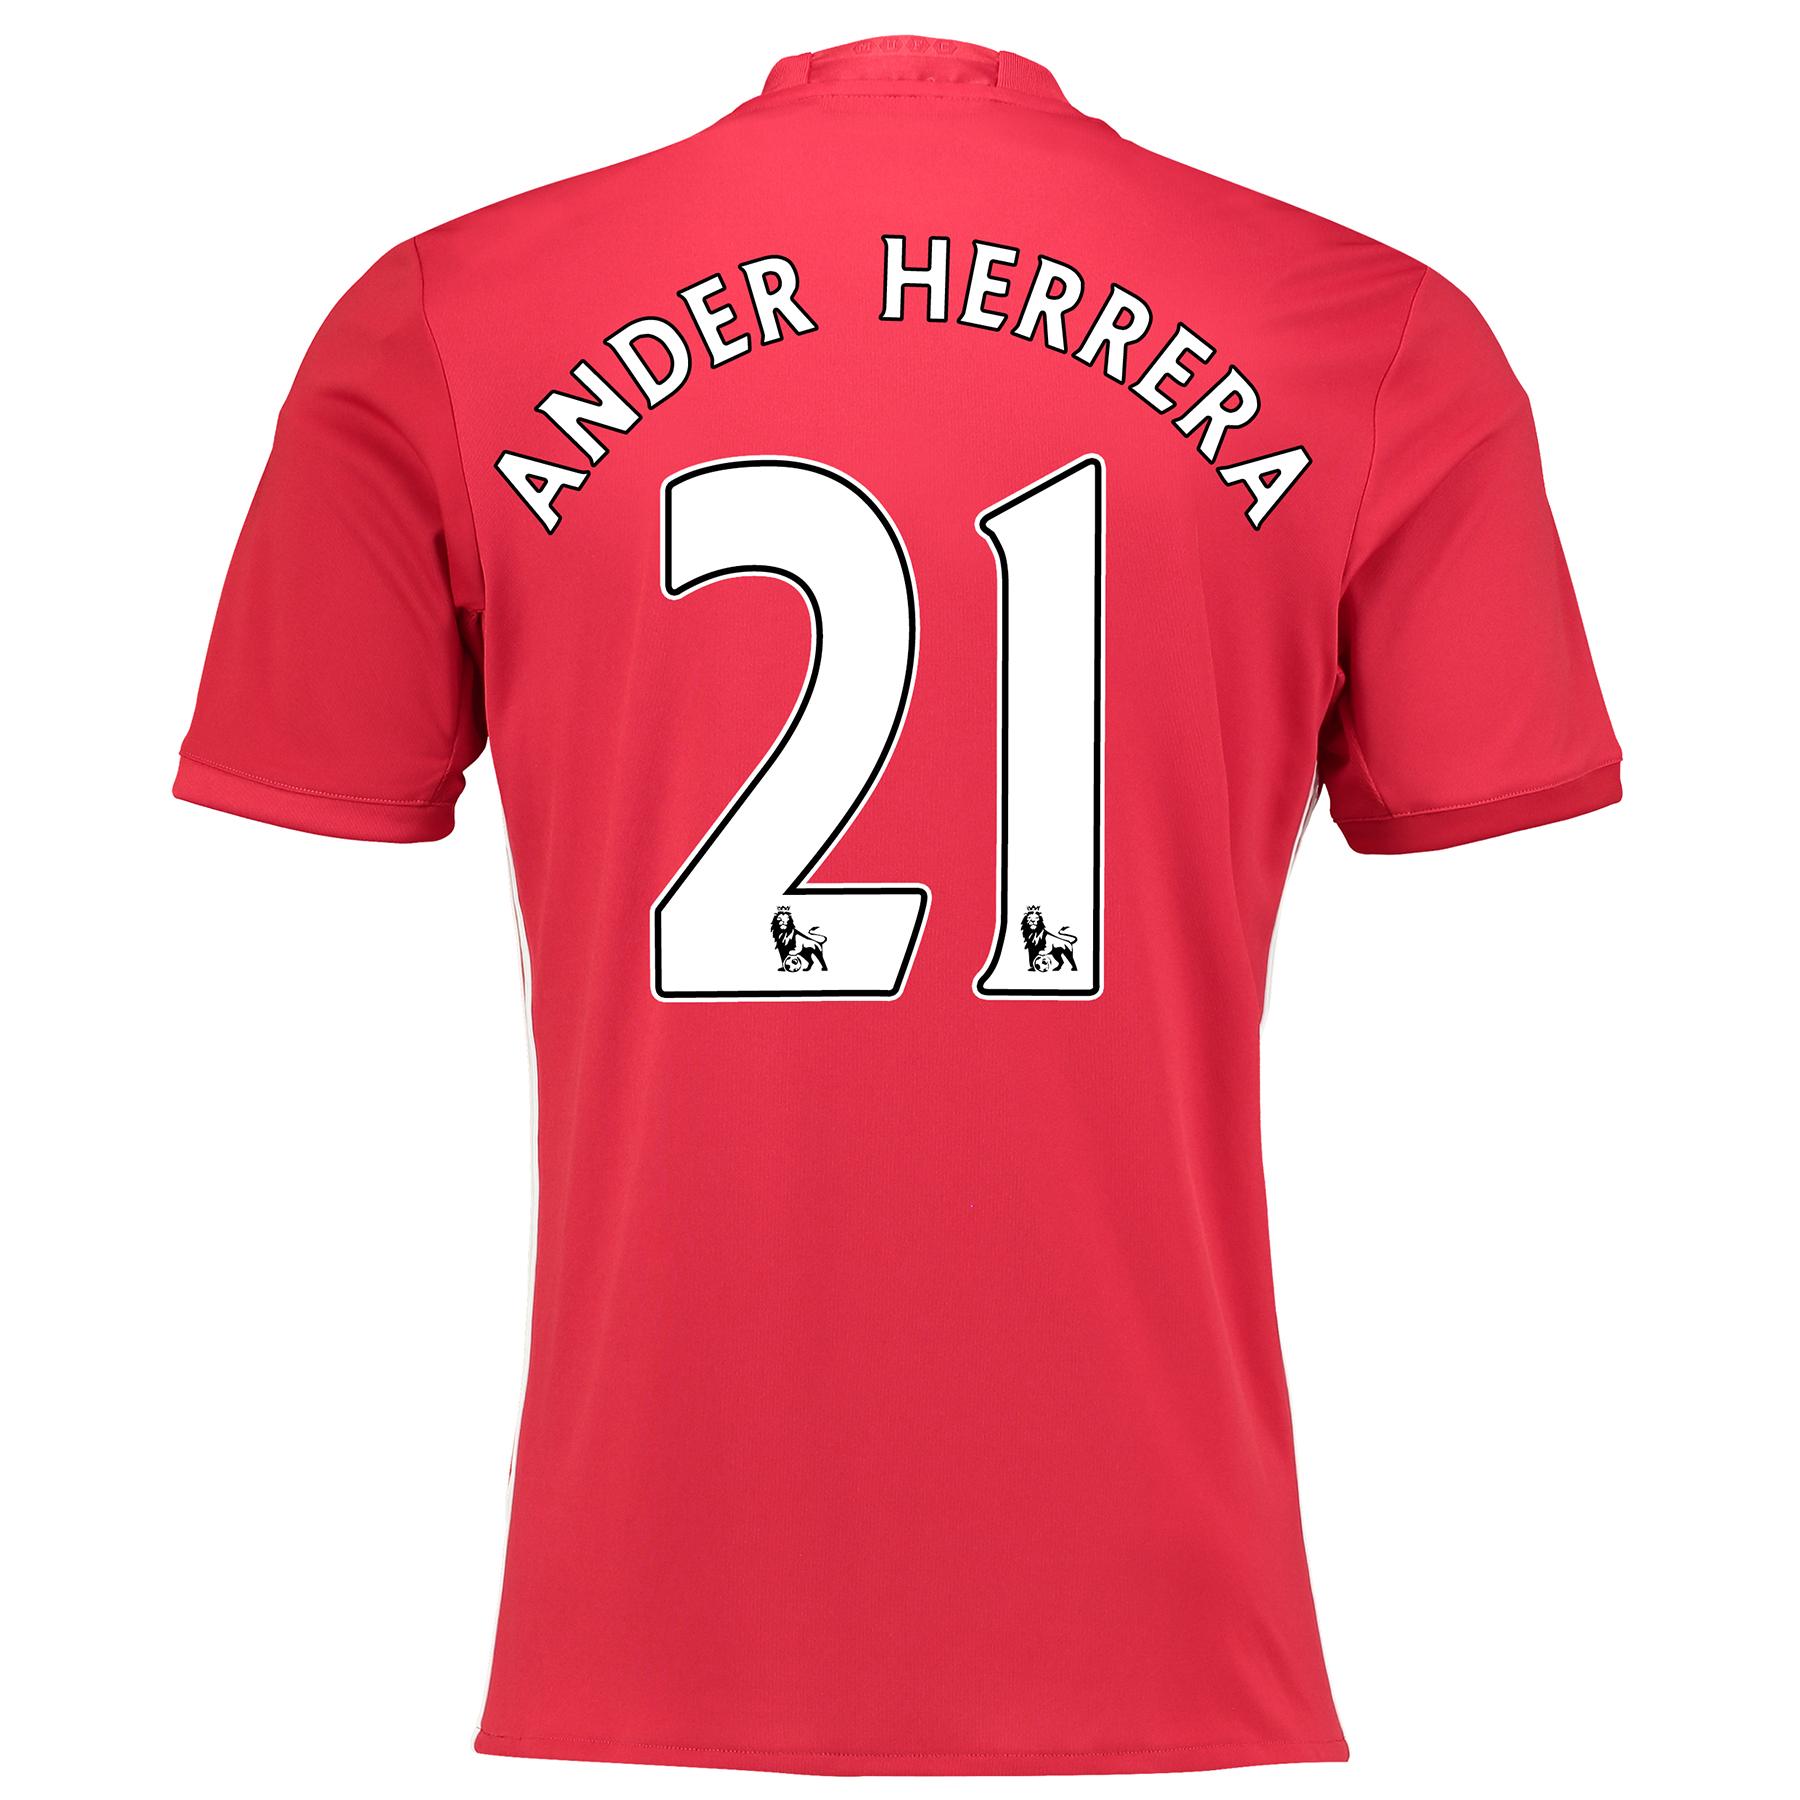 Manchester United Home Shirt 2016-17 with Herrera 21 printing